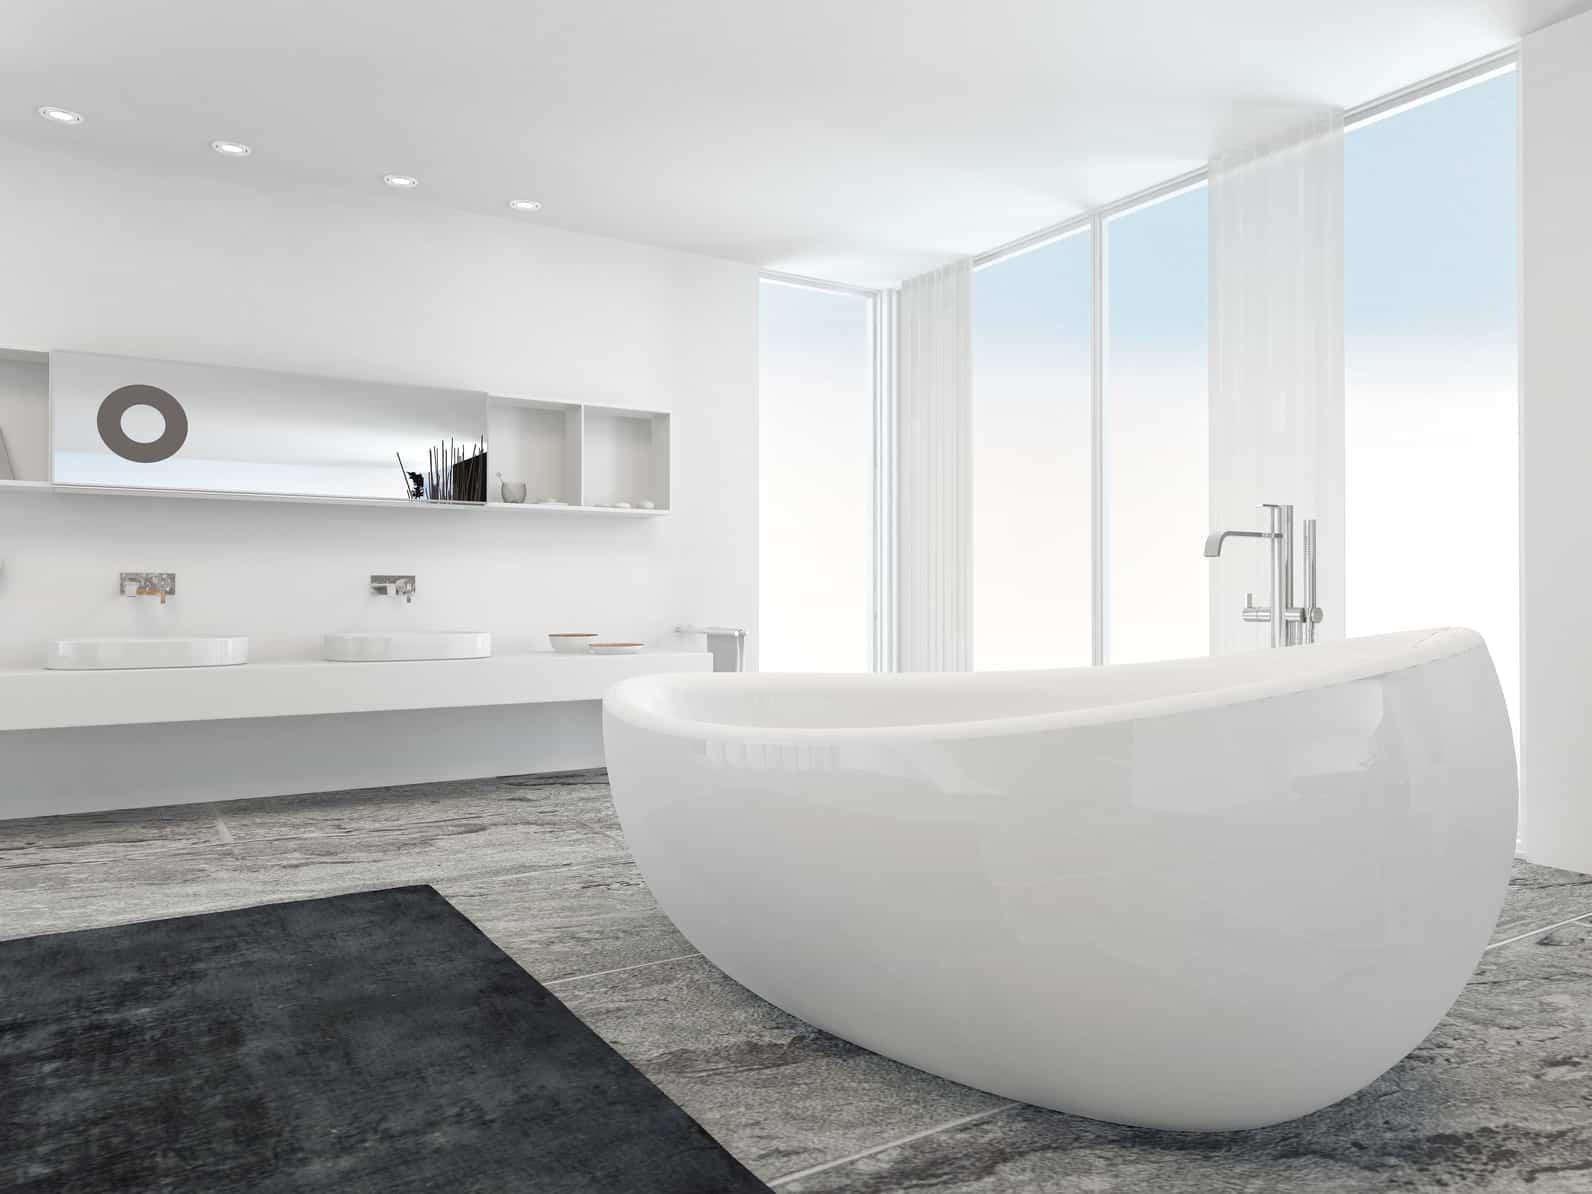 prix d 39 une baignoire et de sa pose les tarifs et devis. Black Bedroom Furniture Sets. Home Design Ideas